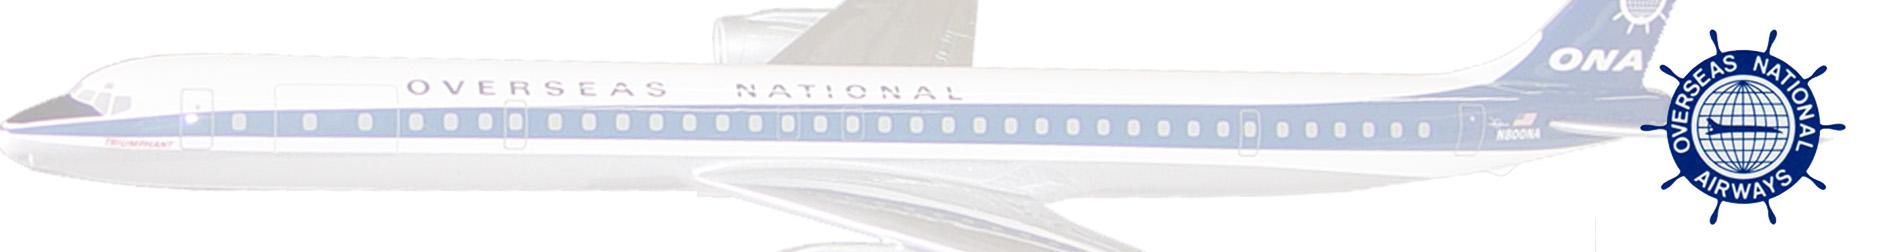 overseas-national-airways.jpg